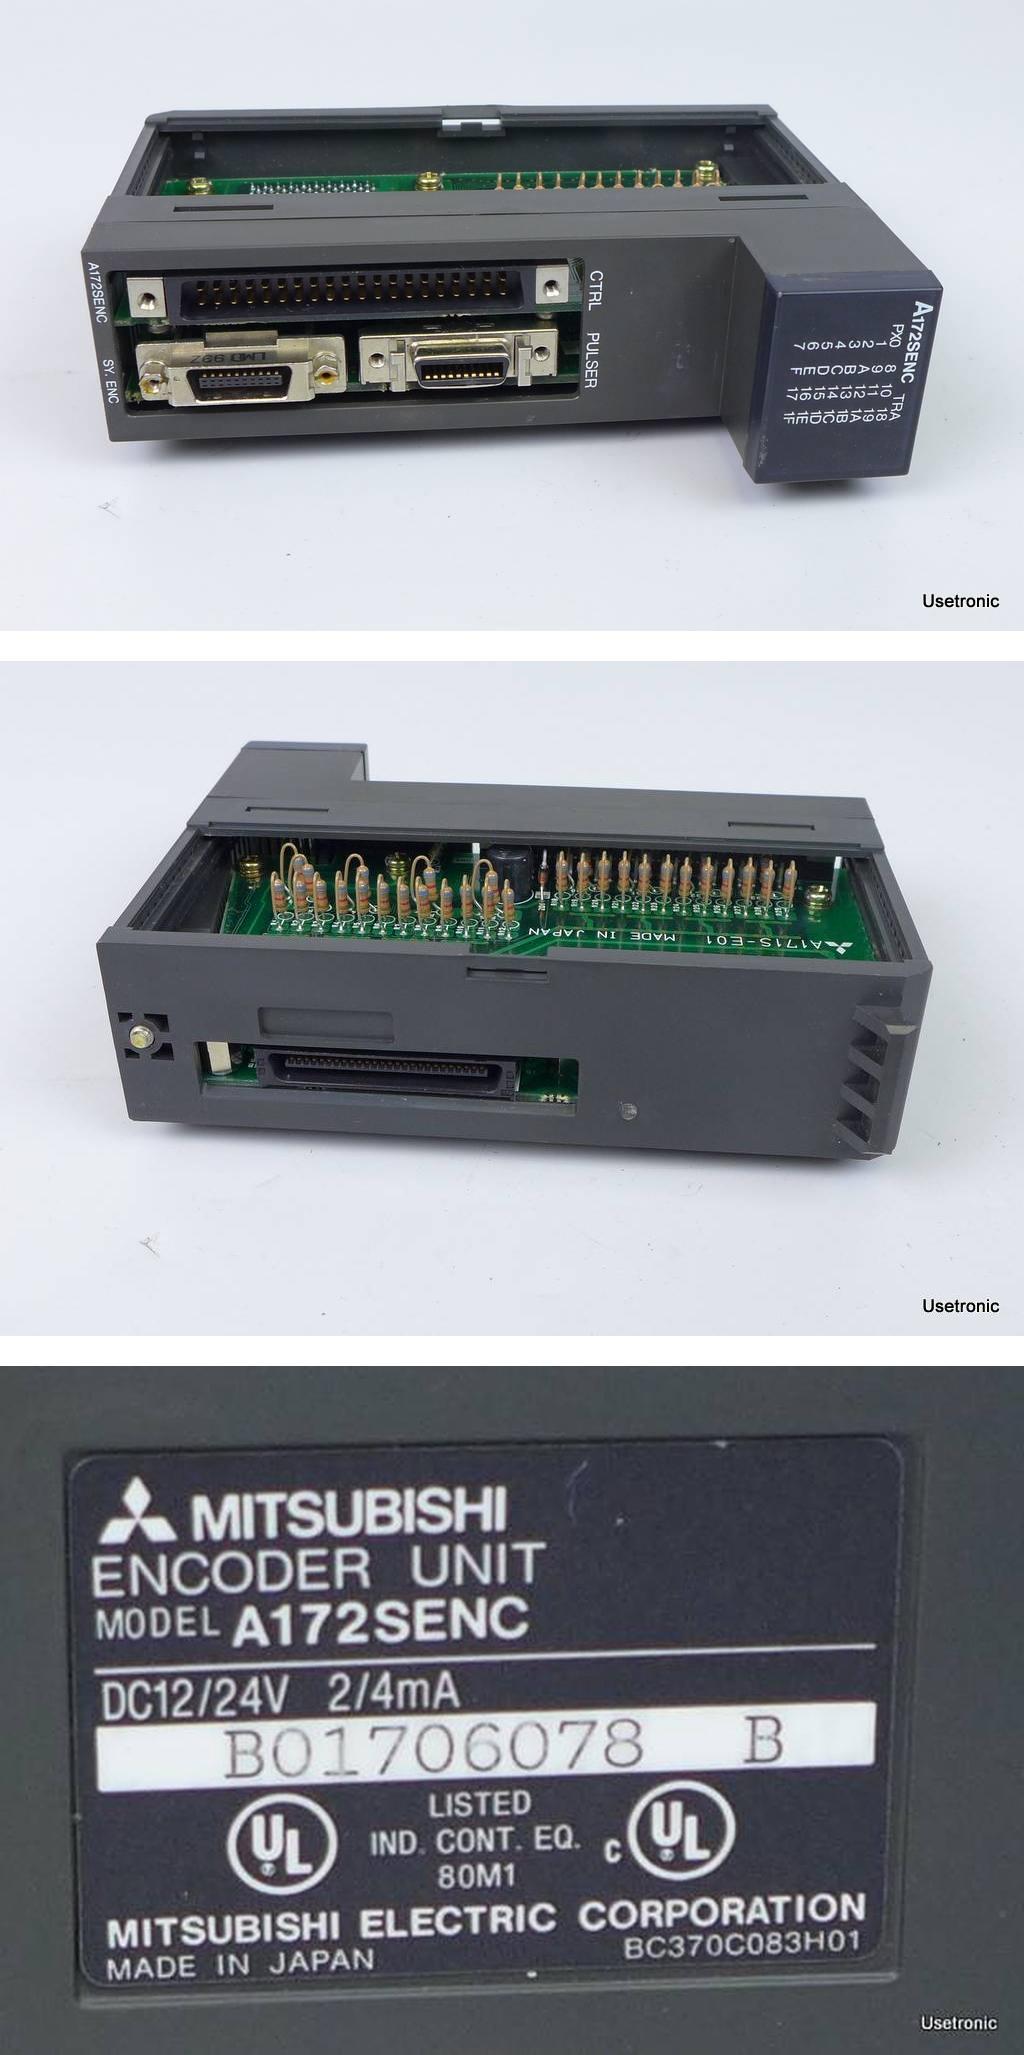 Mitsubishi A172SENC